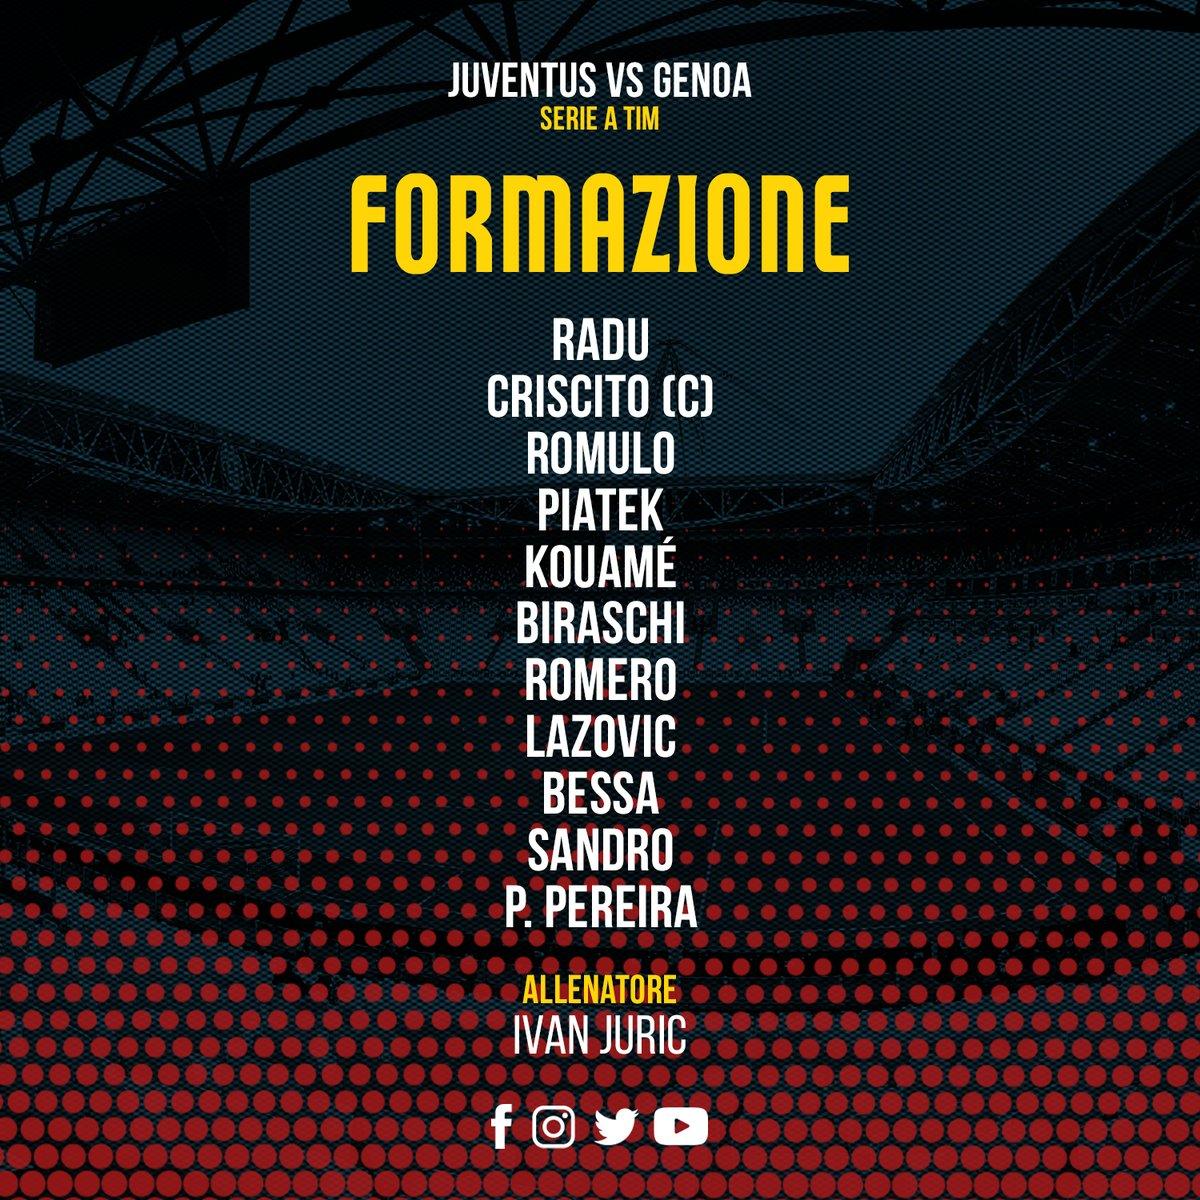 Serie A, le formazioni ufficiali di Juventus - Genoa